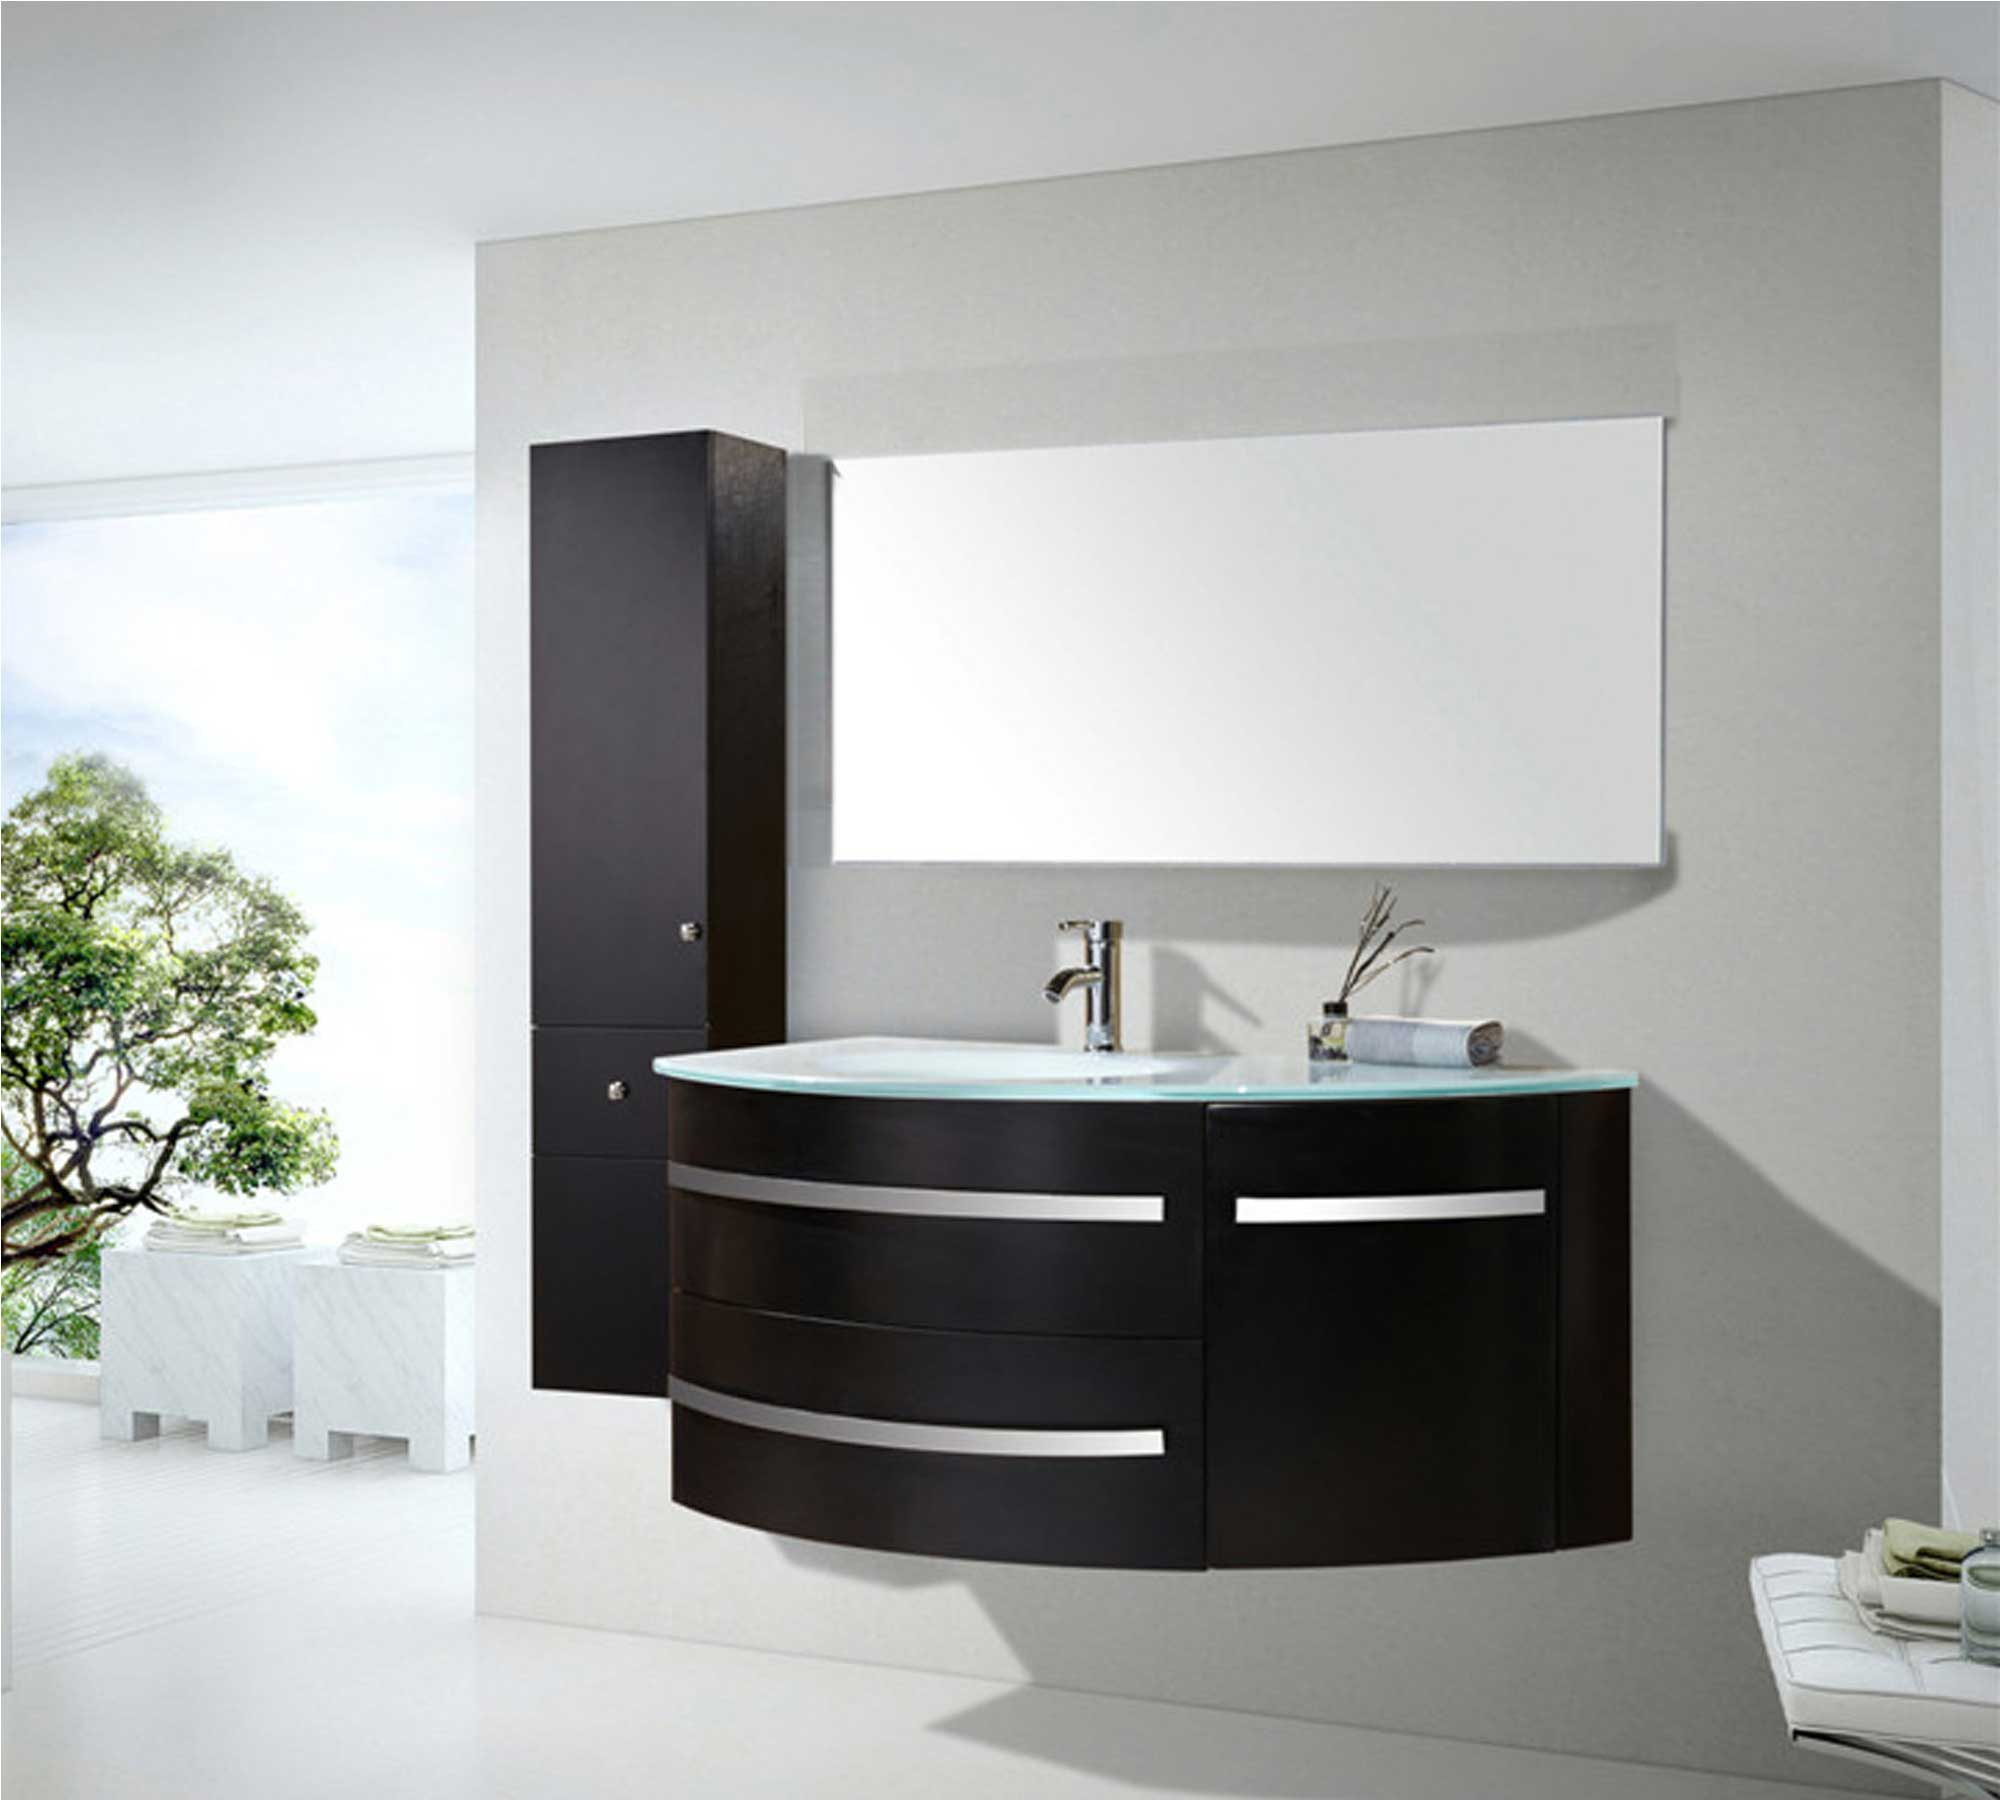 Black ambassador meuble de salle de bain 120 cm colonne for Lavabo et meuble de salle de bain